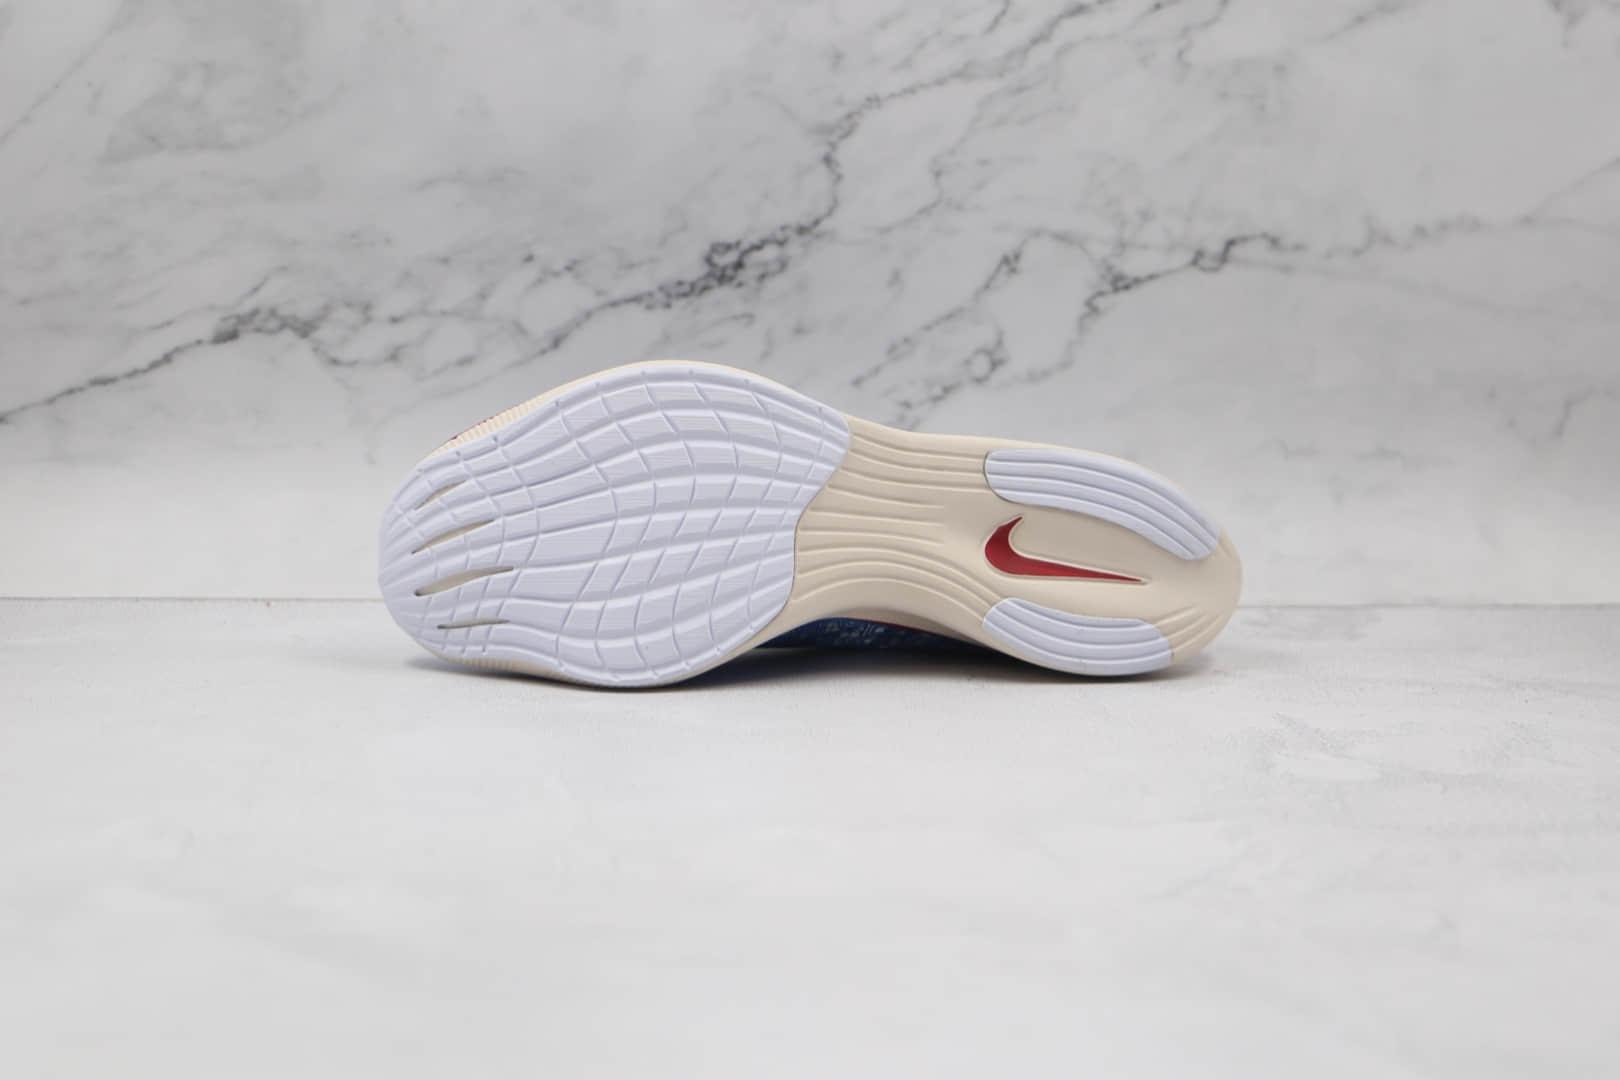 耐克Nike ZoomX Vaporfly Next%纯原版本马拉松蓝色next%半透明网纱跑鞋原楦头纸板打造 货号:DD8337-400